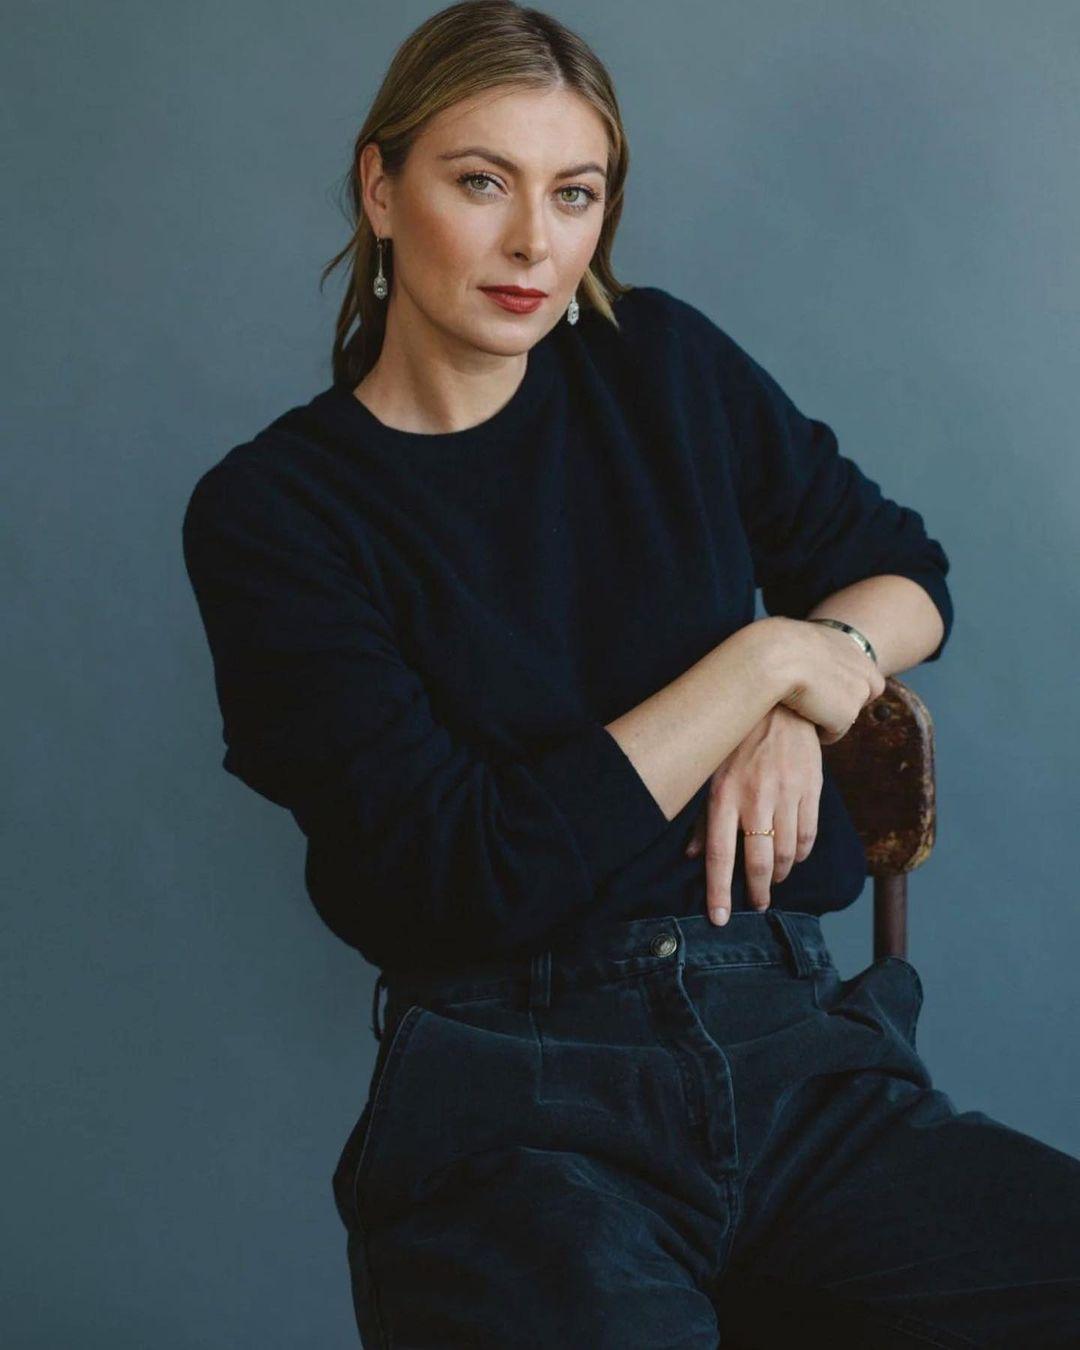 Maria-Sharapova-3